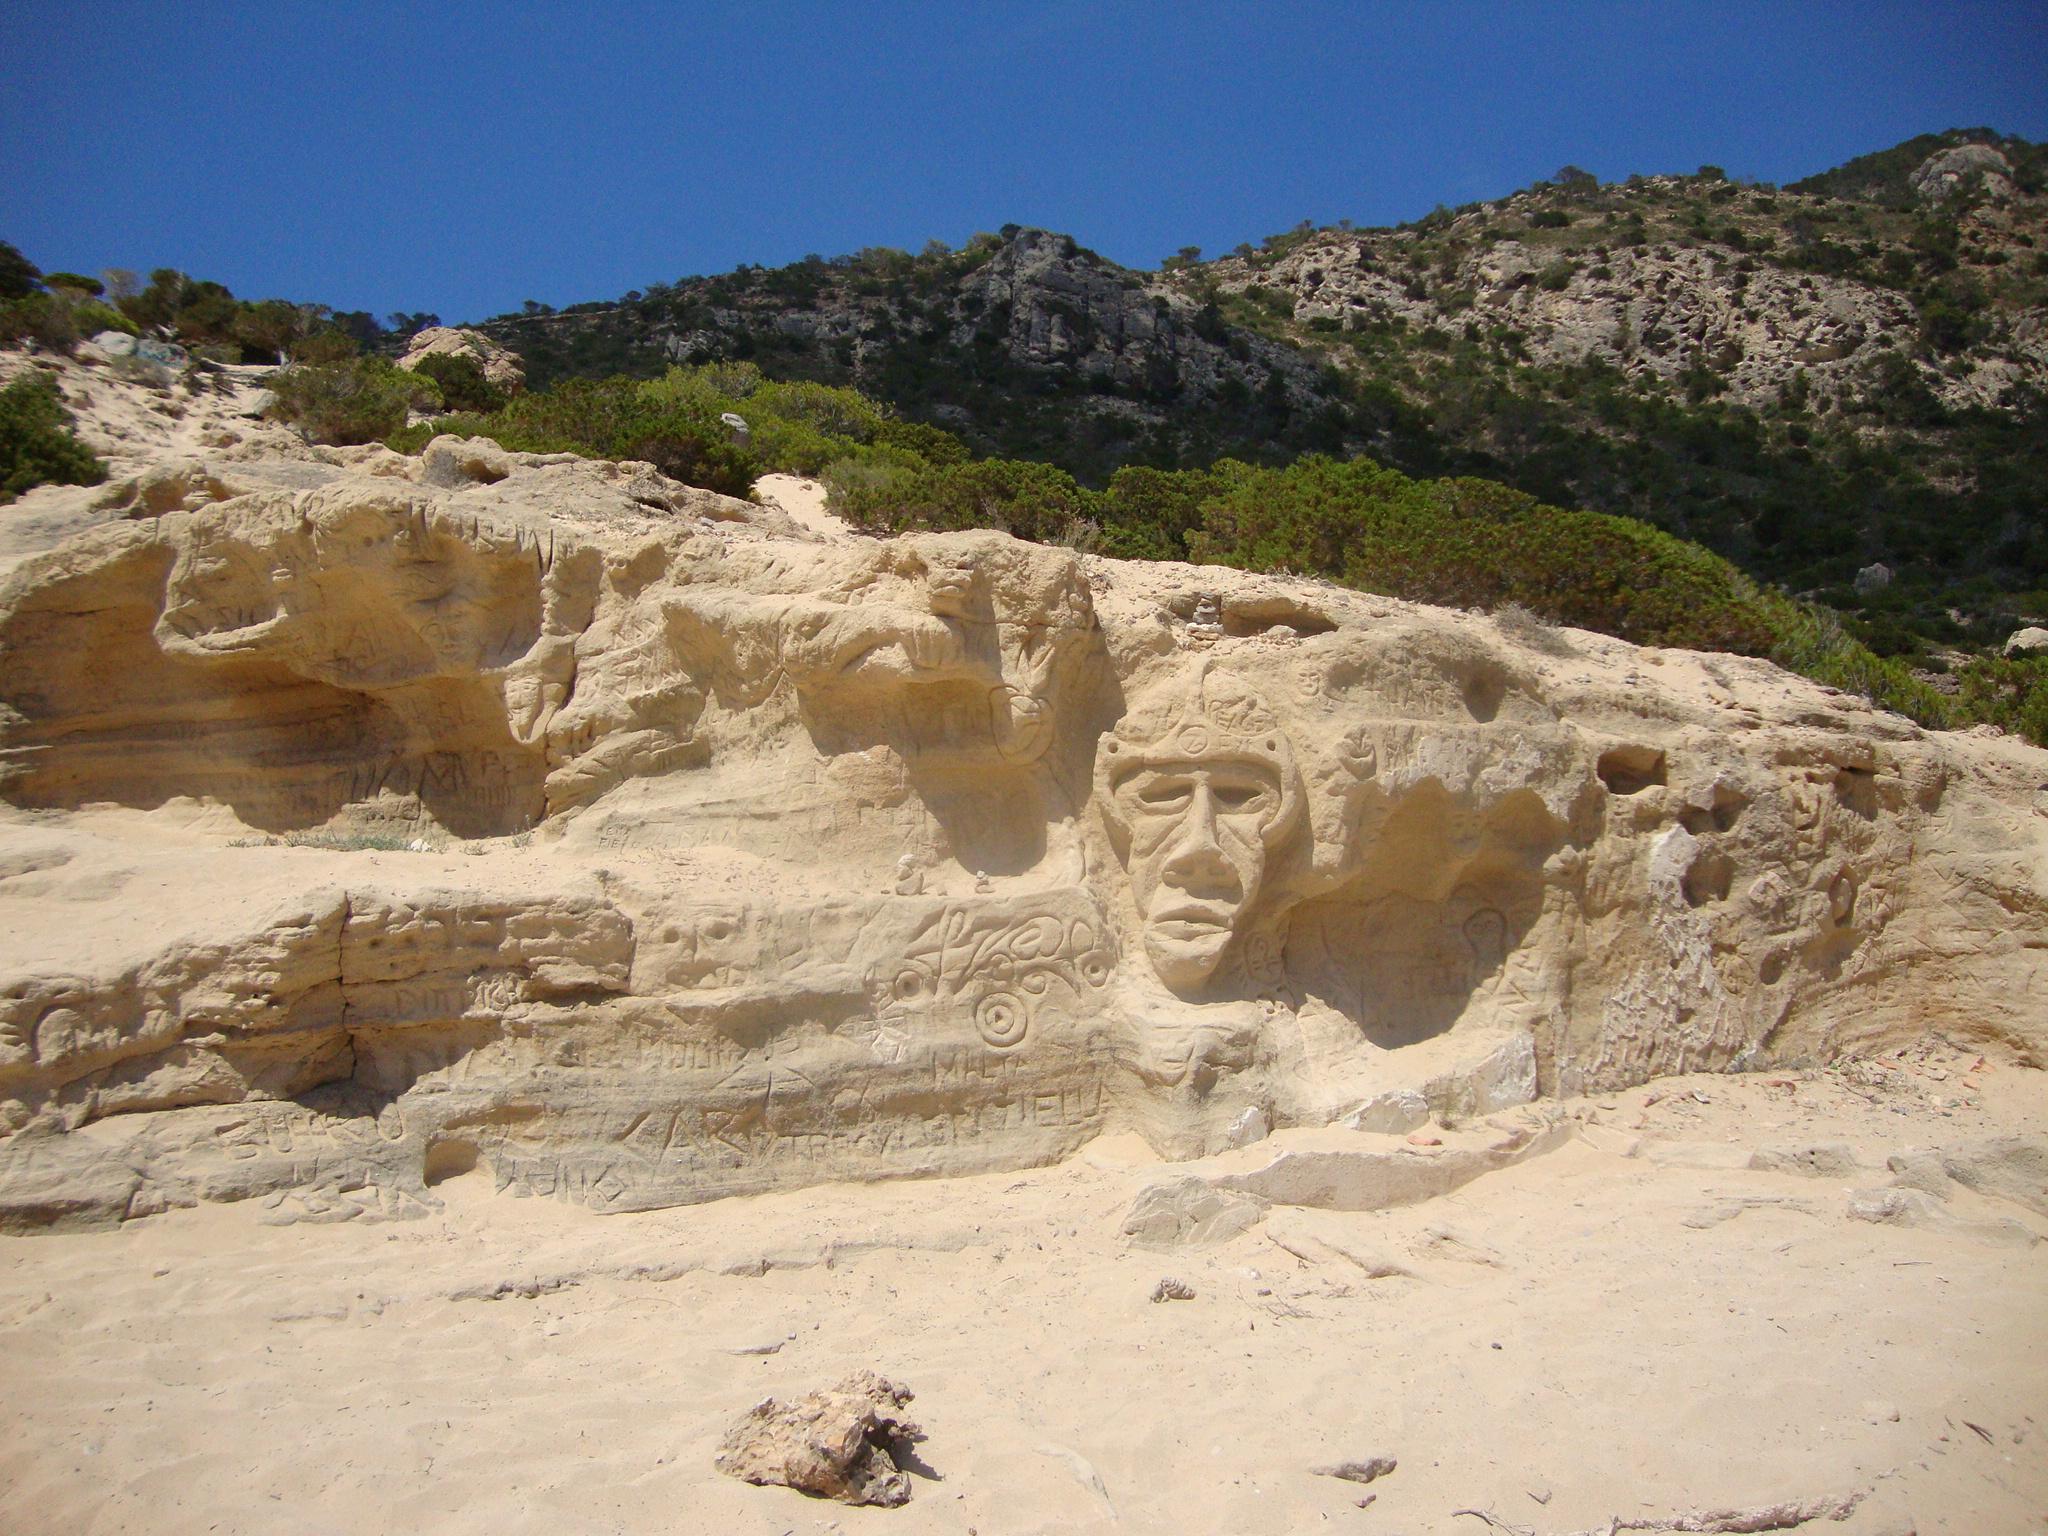 The rock carvings at Atlantis Ibiza